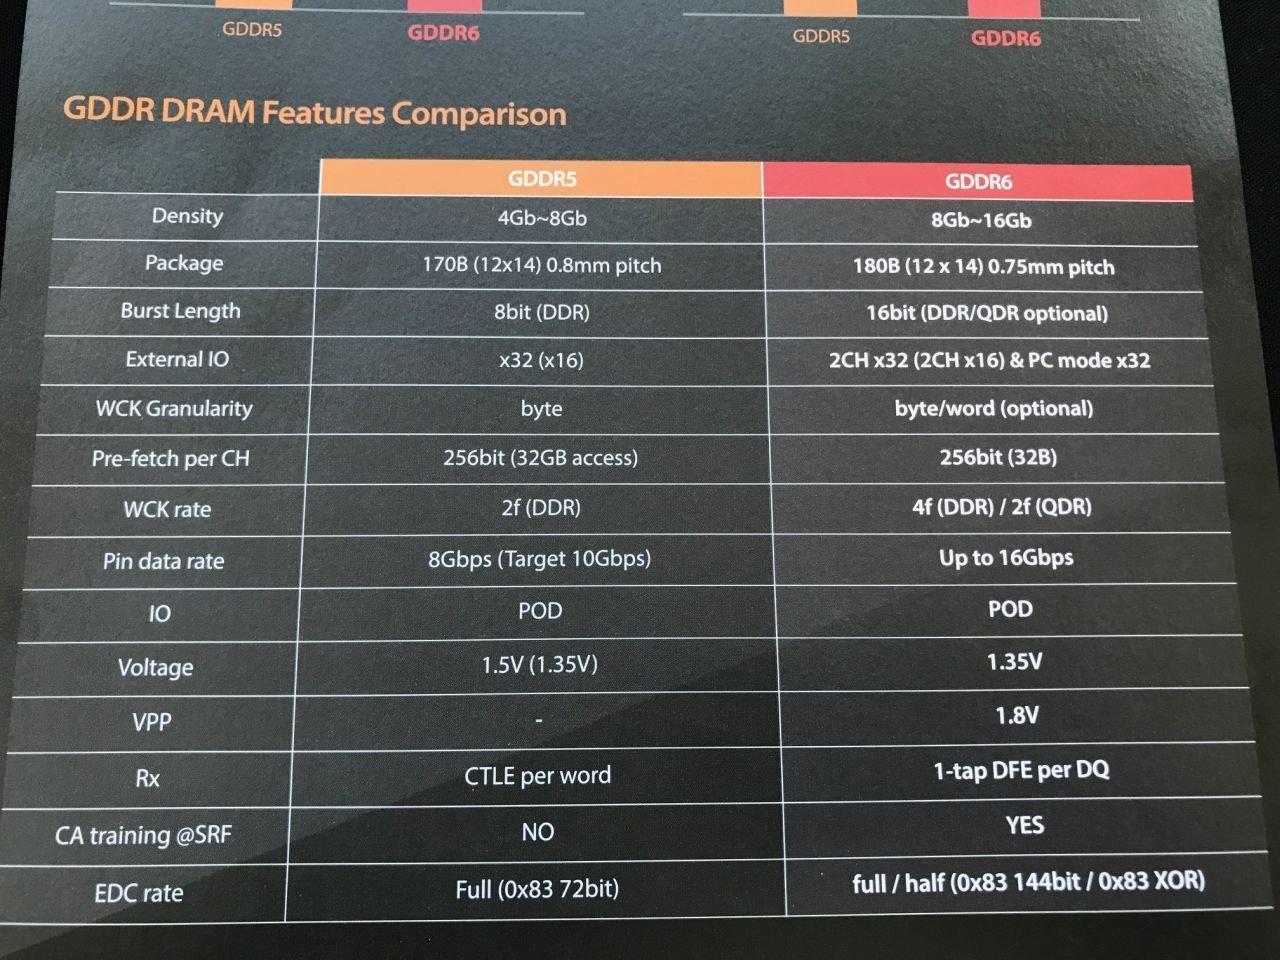 GDDR6 von SK Hynix im Vergleich zu GDDR5